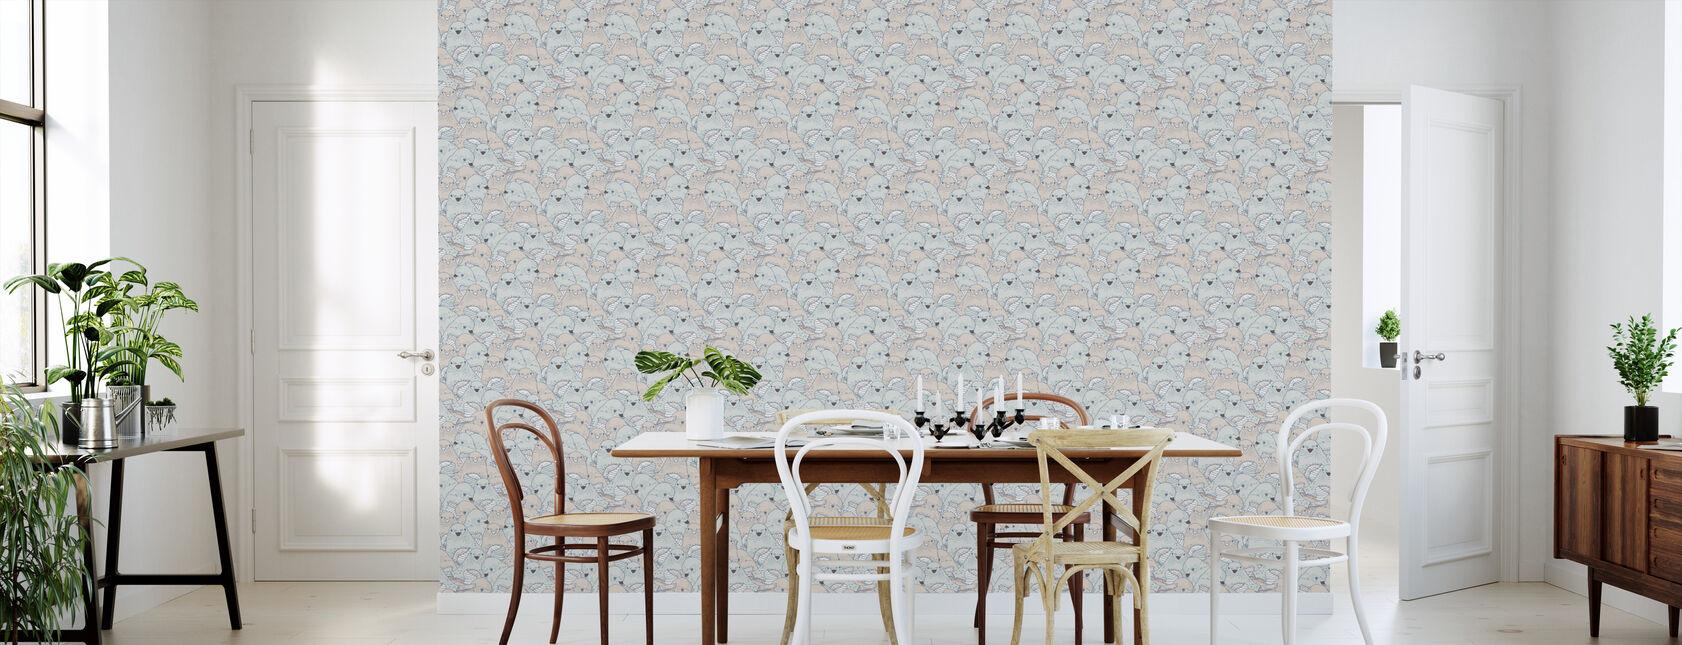 Lovebirds Velvet Sharp - Wallpaper - Kitchen